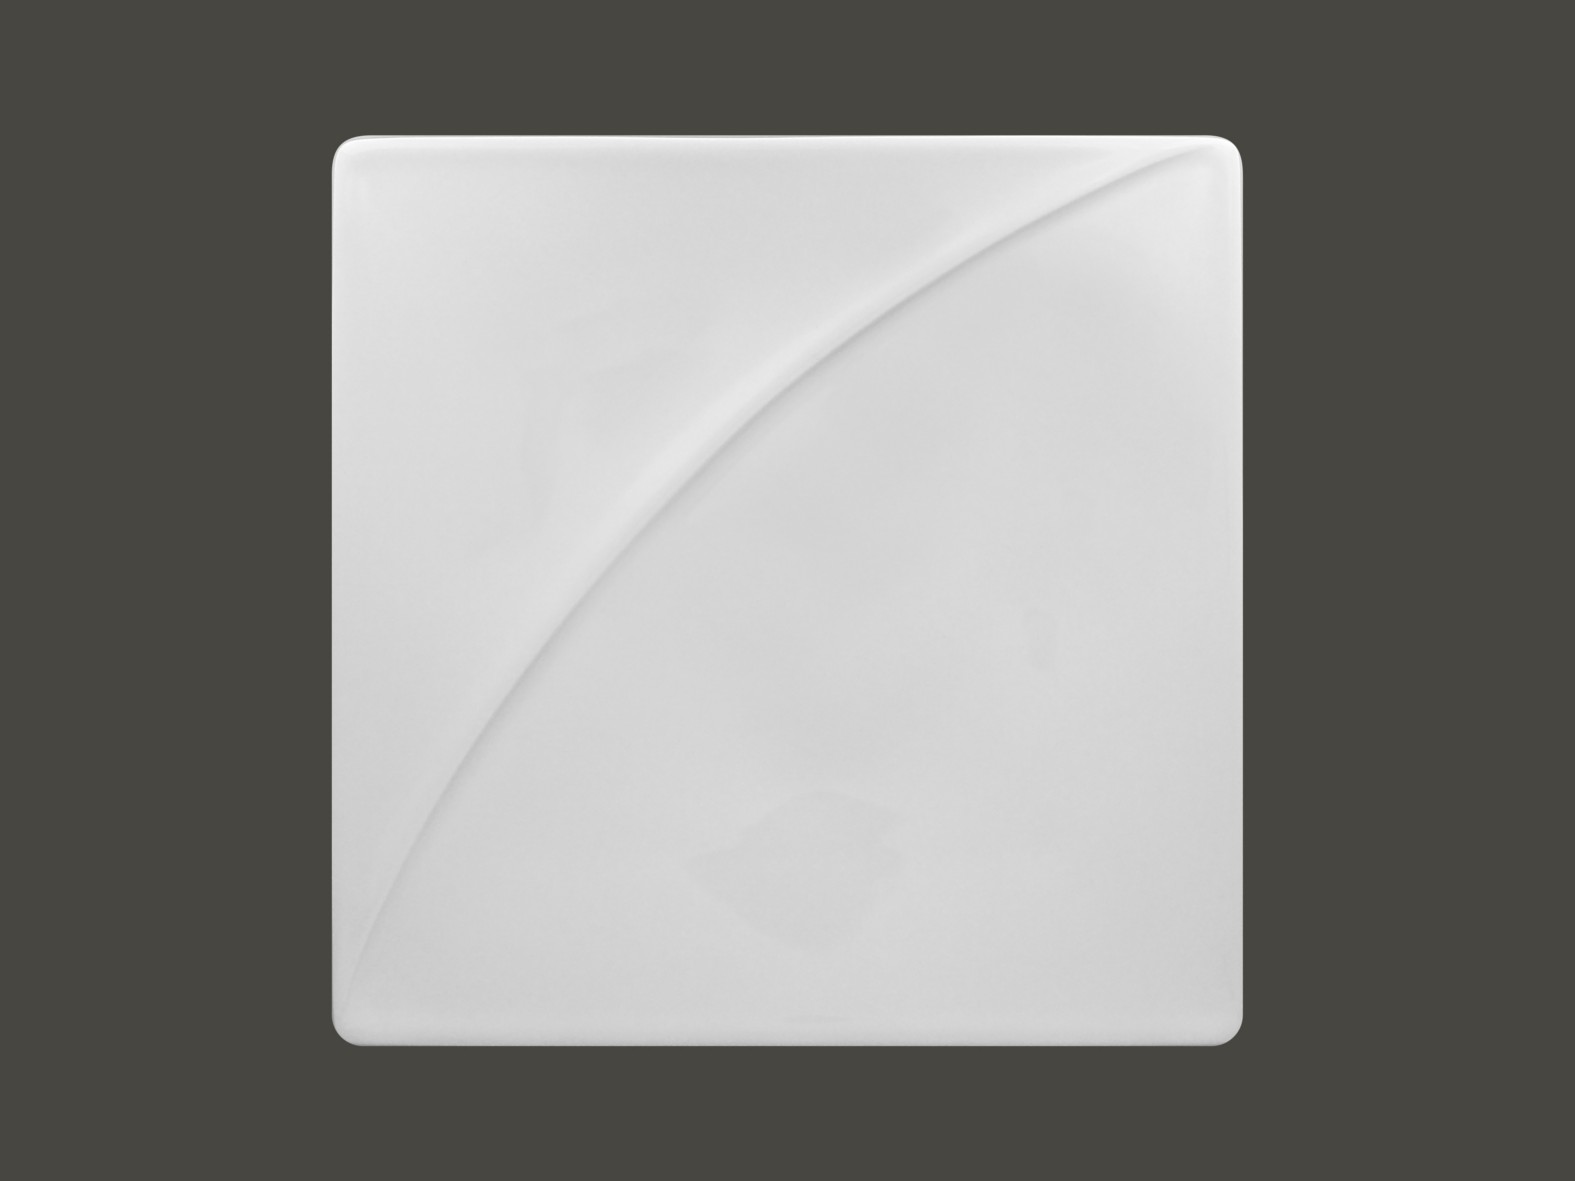 Čtvercový talíř/víko pro mosb12 Moon